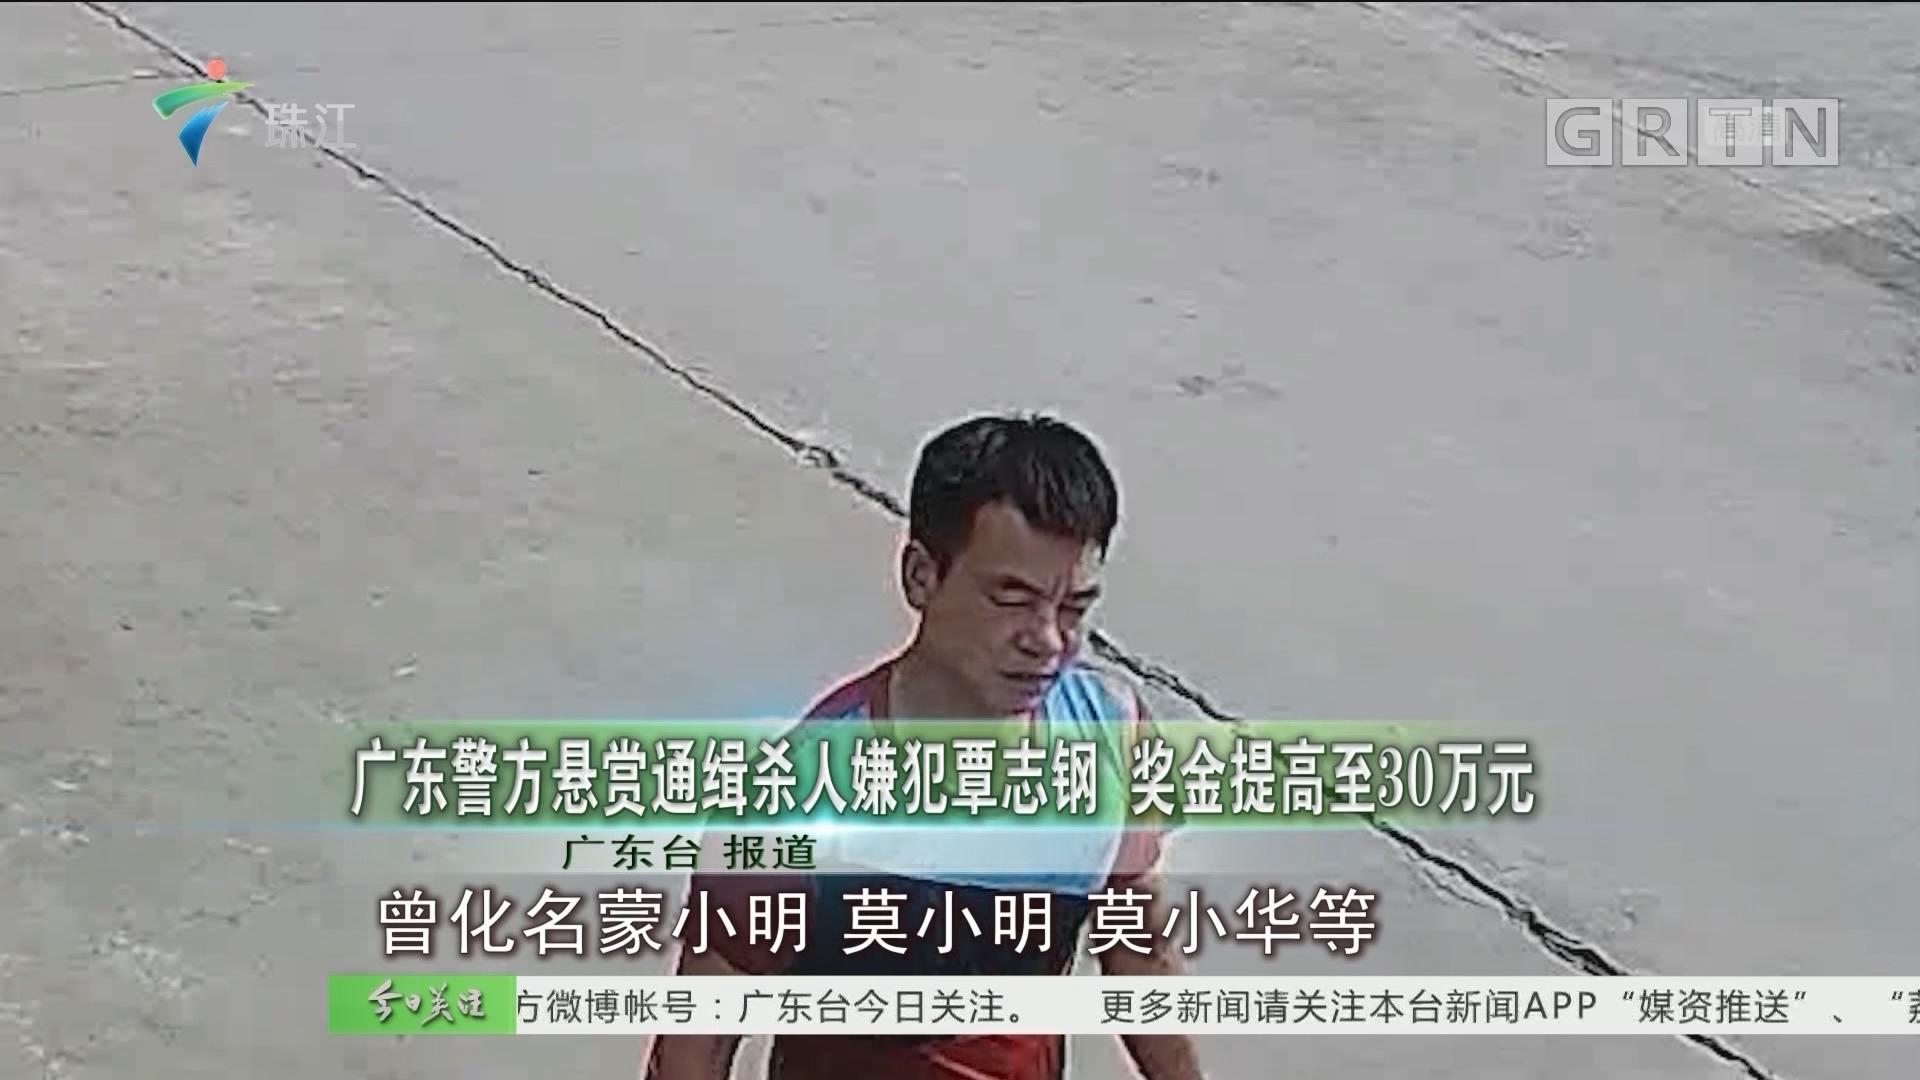 广东警方悬赏通缉杀人嫌犯覃志钢 奖金提高至30万元